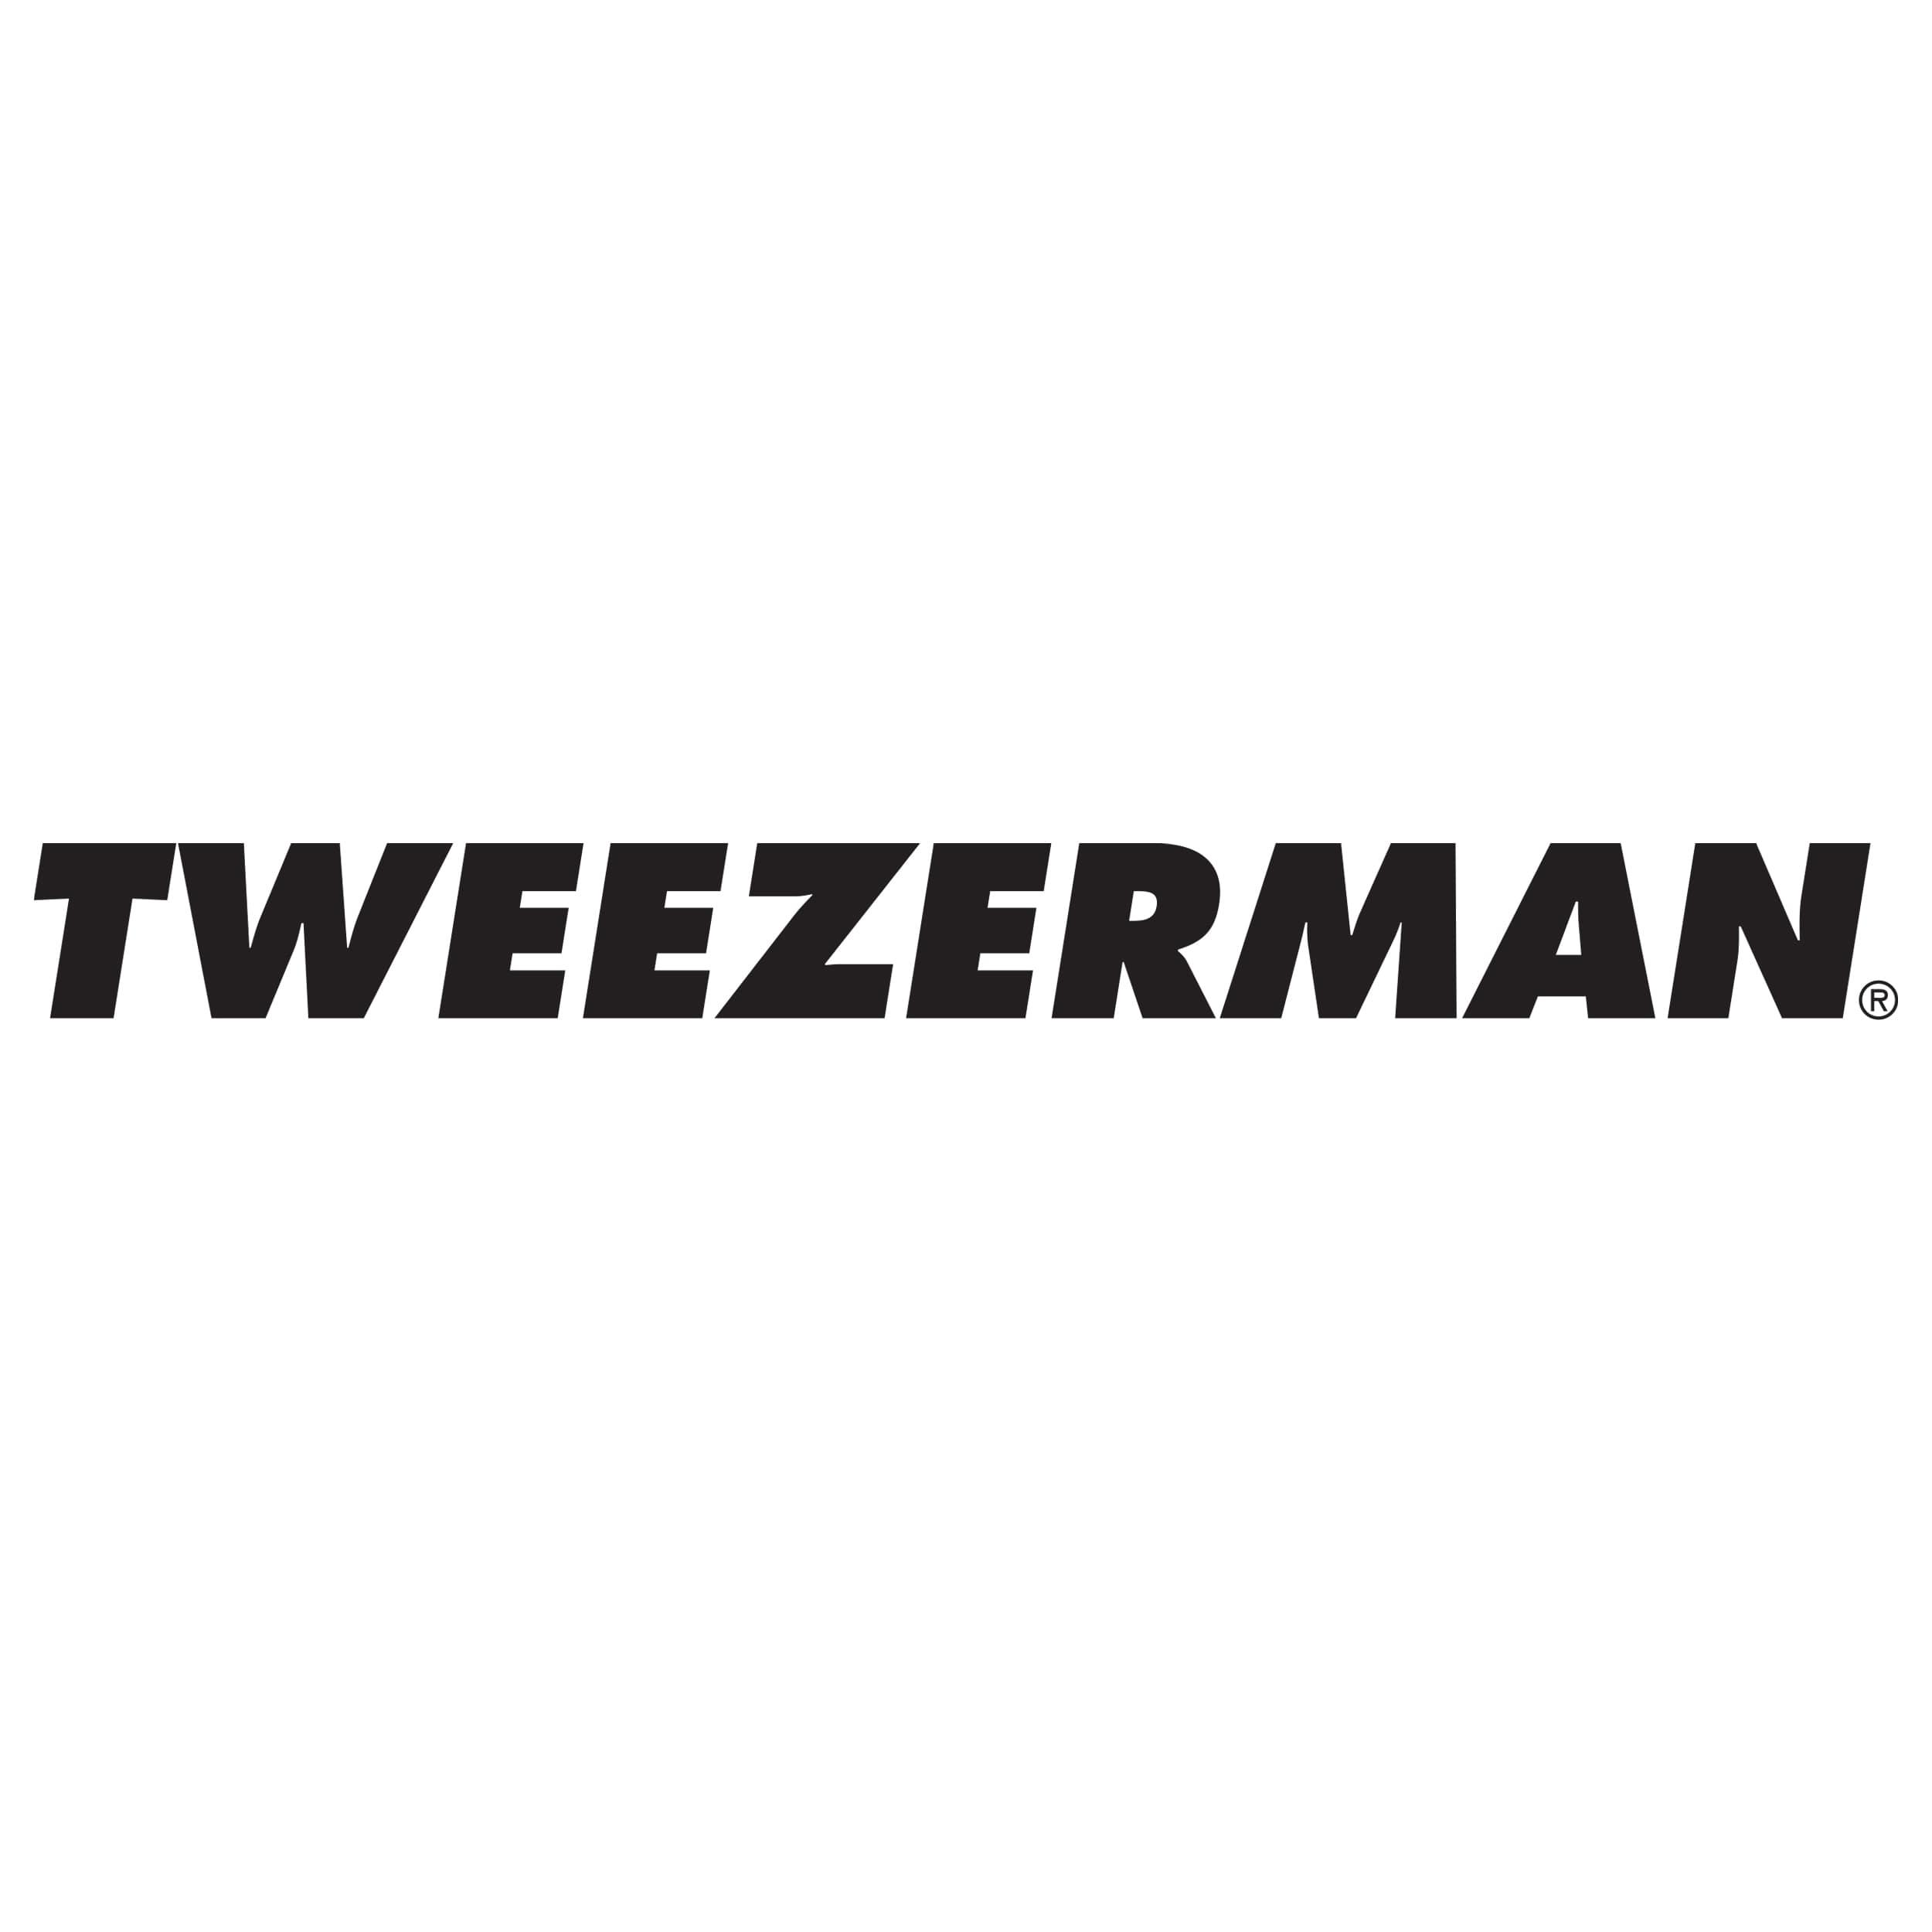 Image of Point Tip Tweezer